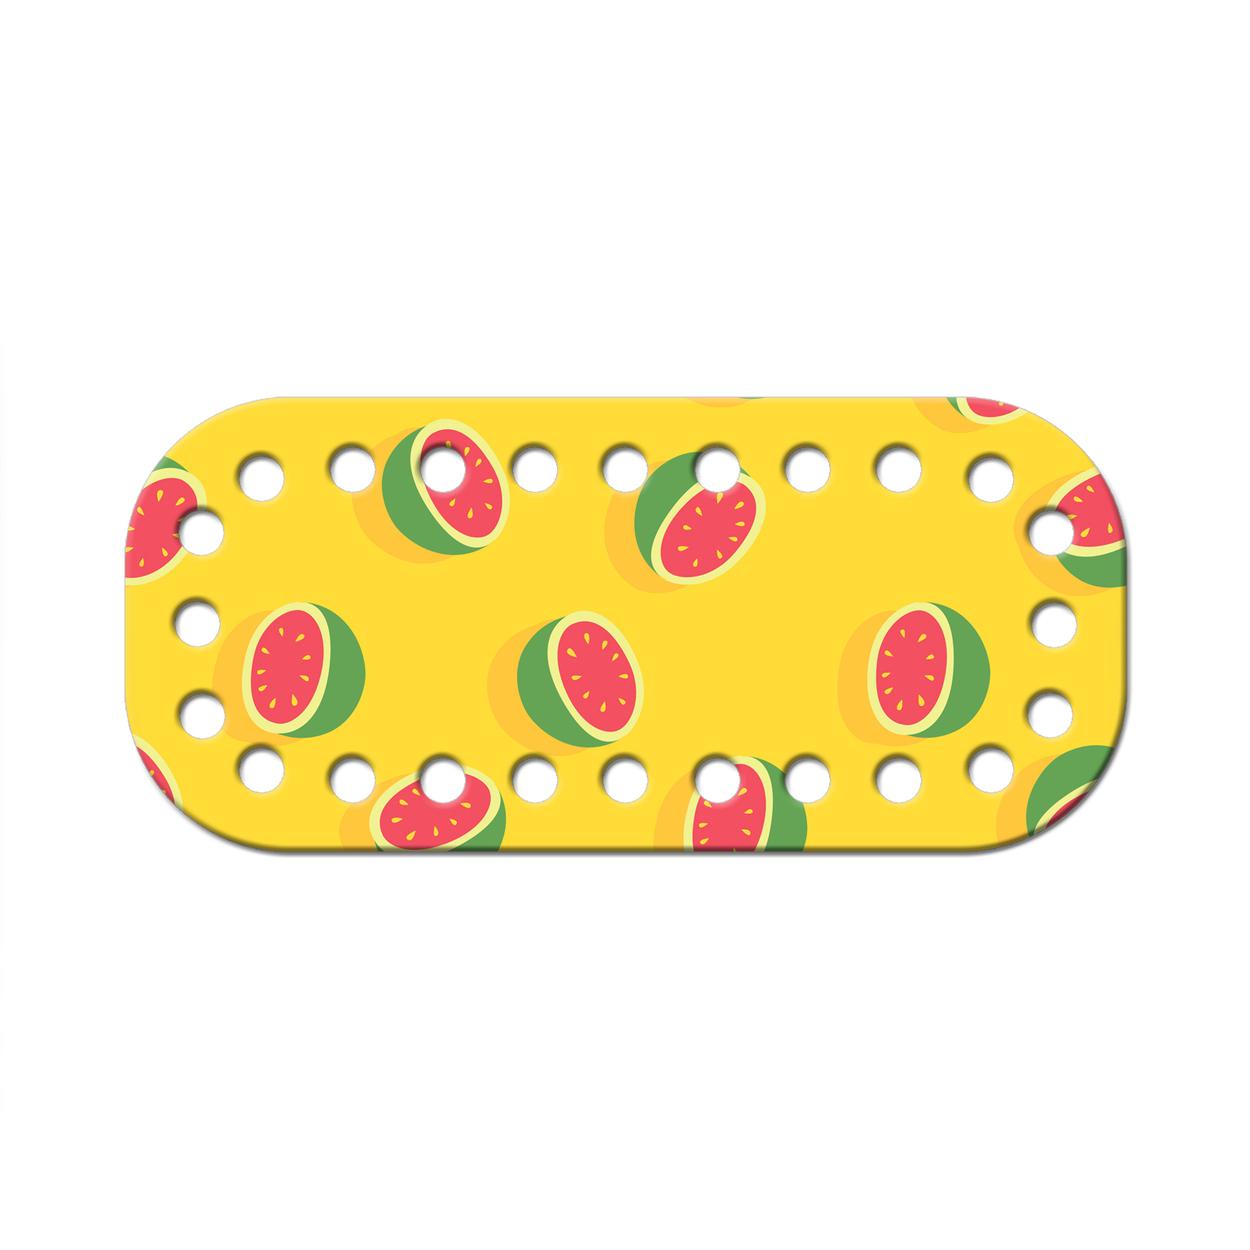 Дно для сумки мини 5 х 11 см. Tutti frutti